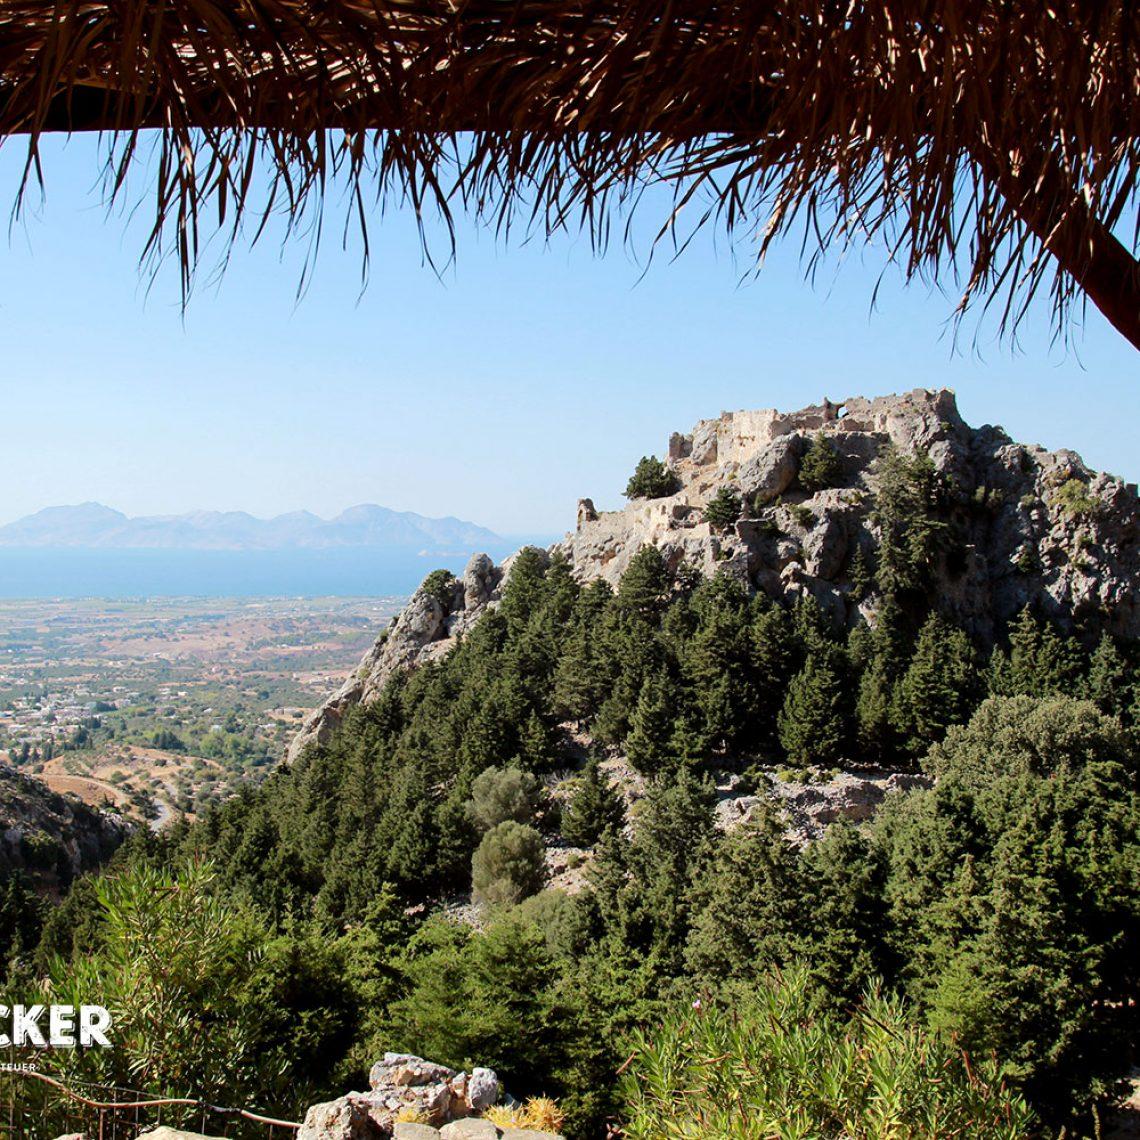 Vom kleinen Café gegenüber, genießt man eine atemberaubende Sicht auf das alte Castell und weiter bis zum Meer.